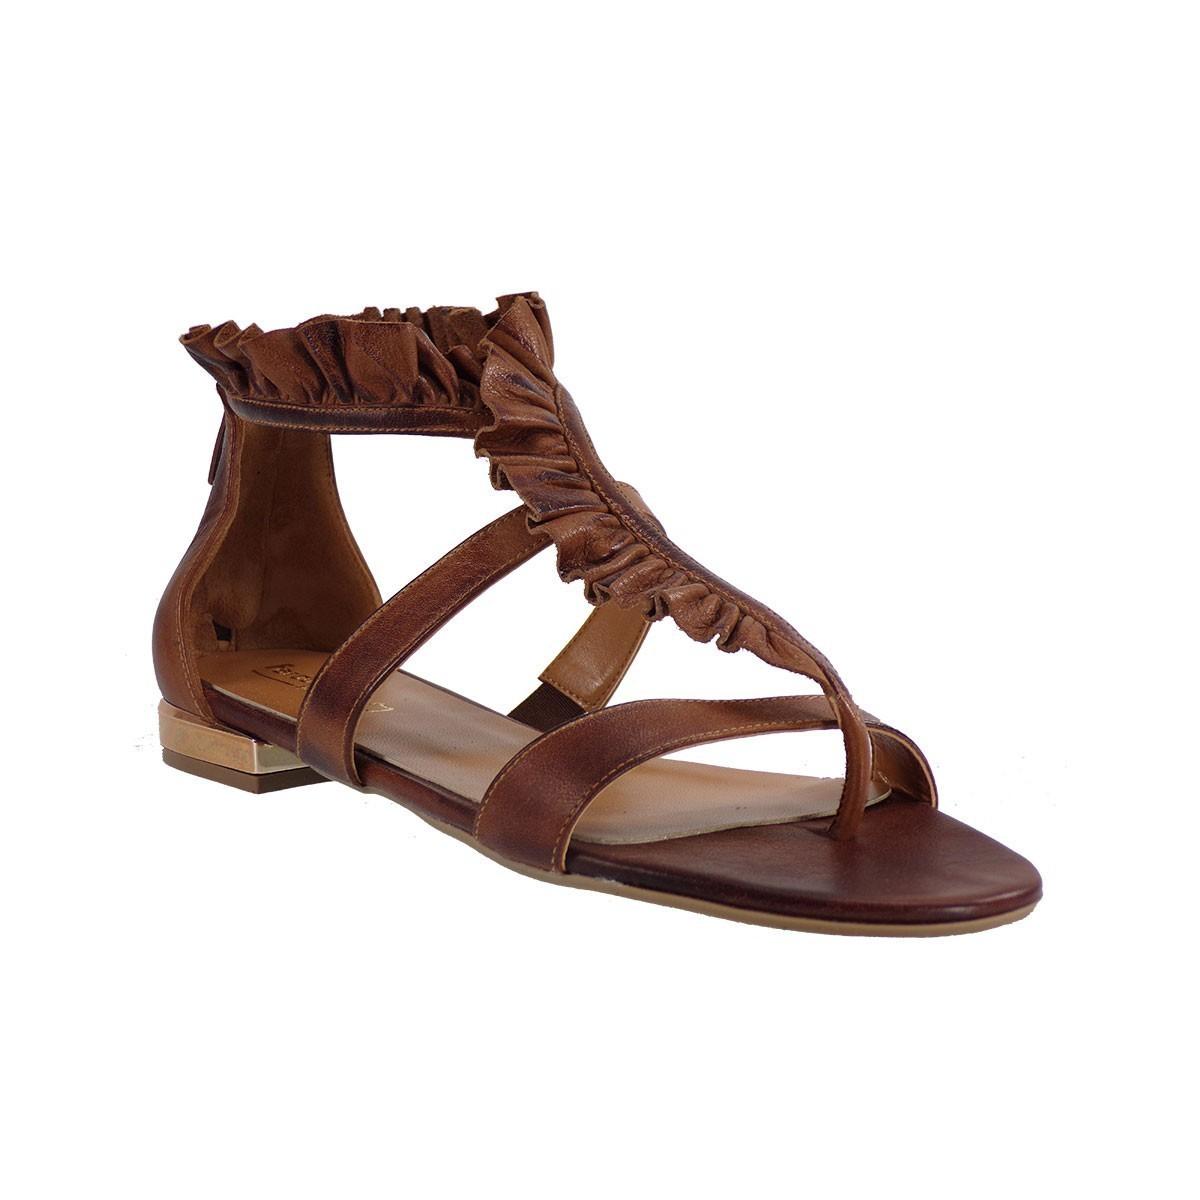 Fardoulis shoes Γυναικεία Πέδιλα 30018 Ταμπά Δέρμα